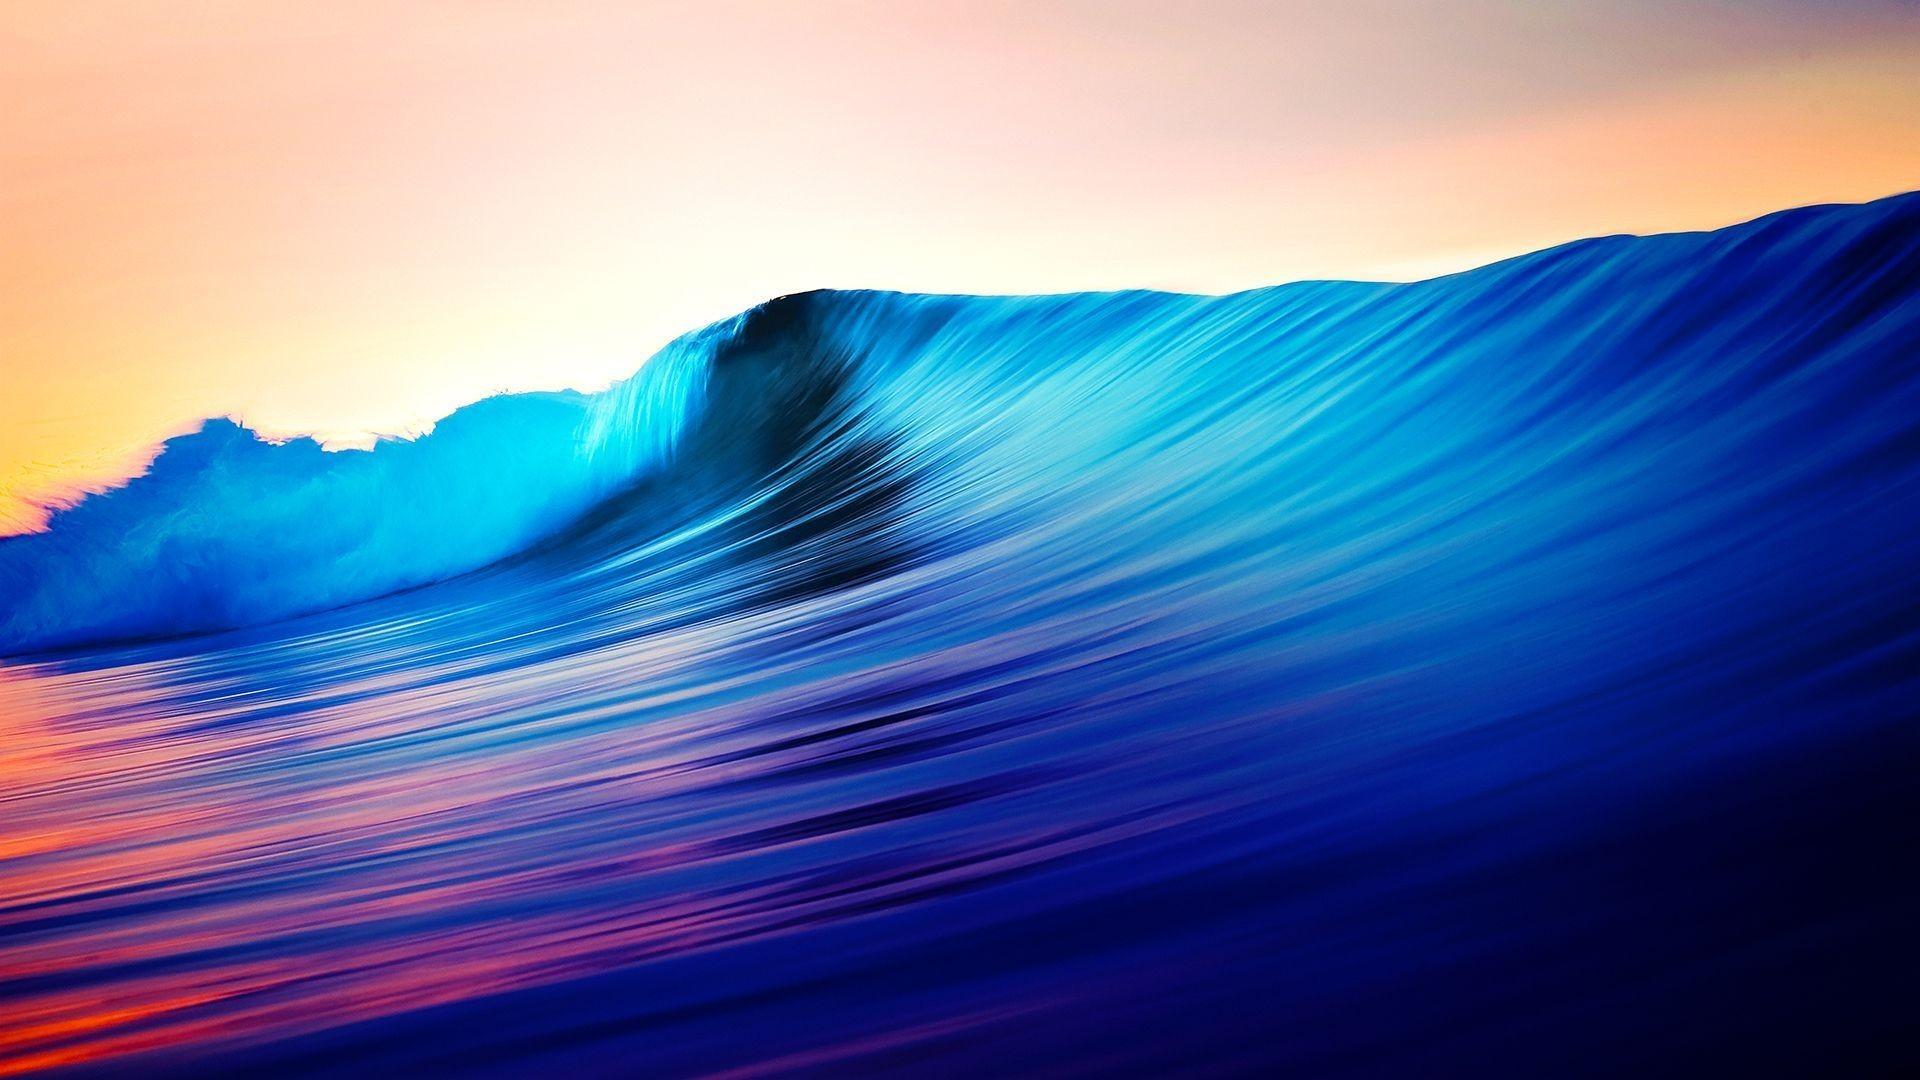 Beautiful Ocean Wallpaper Wallpapertag